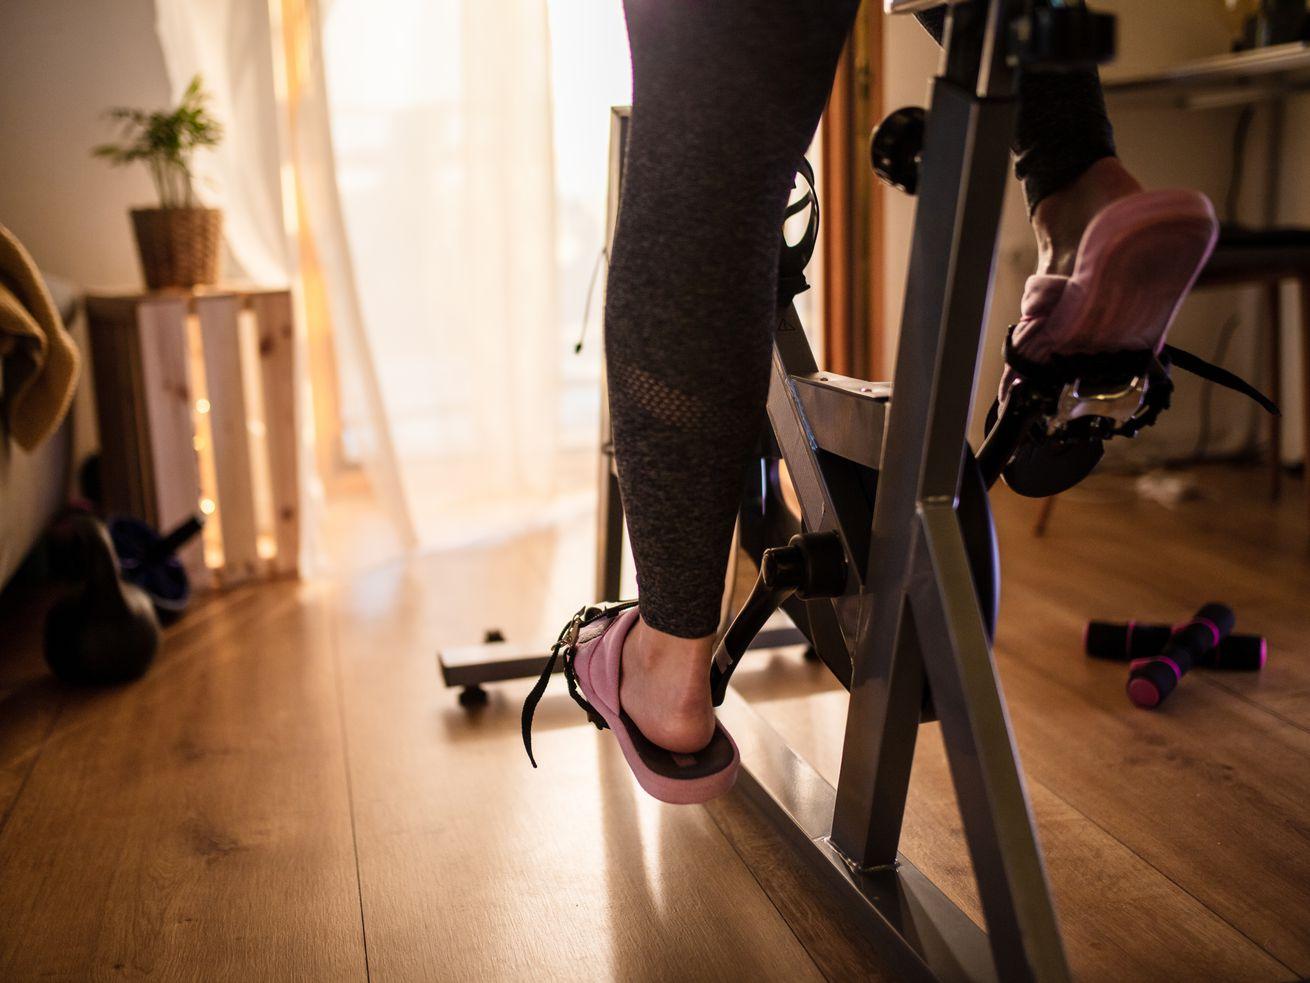 Les pieds d'une femme sur un vélo d'entraînement à domicile.